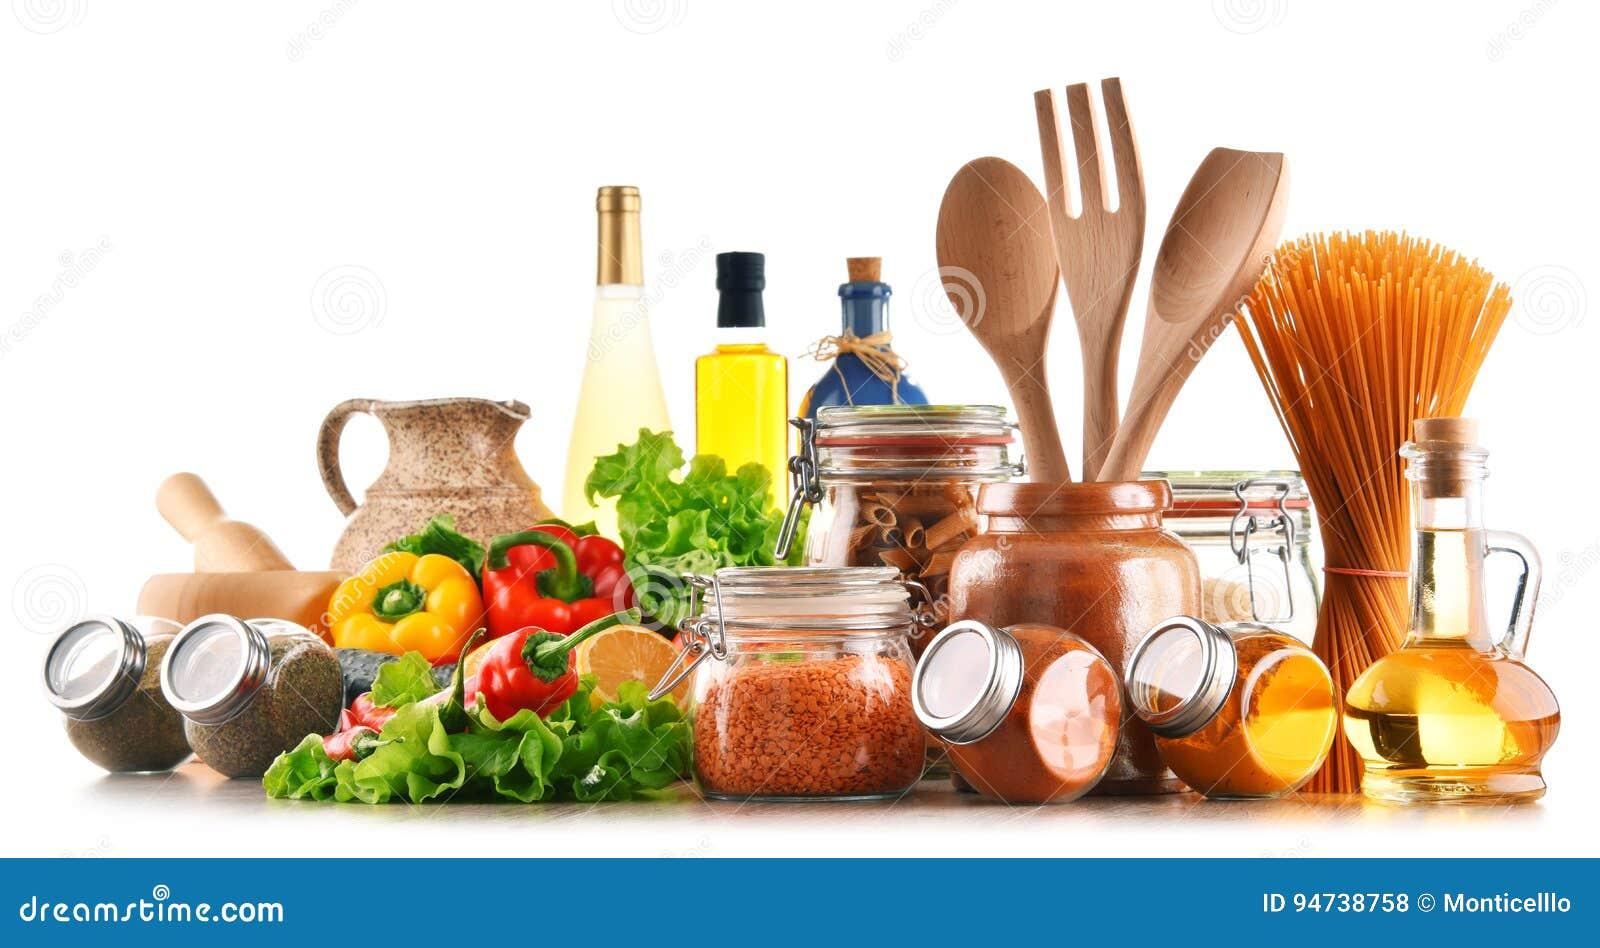 Geassorteerd voedingsmiddelen en keukengerei dat op wit worden geïsoleerd